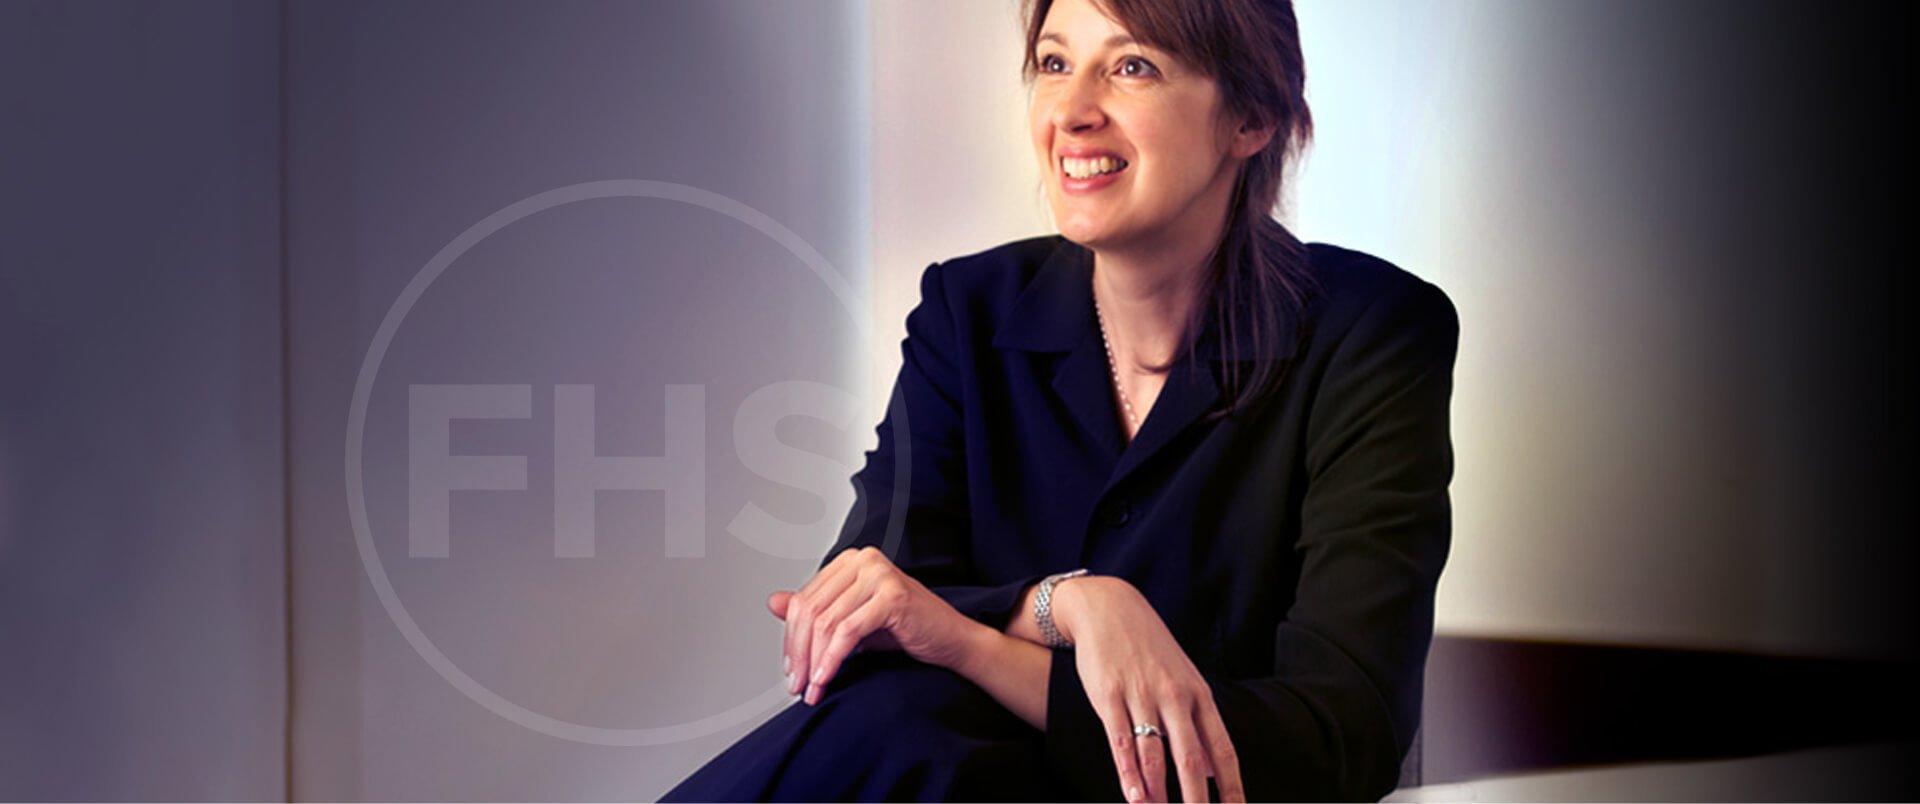 Claire Evans Partner